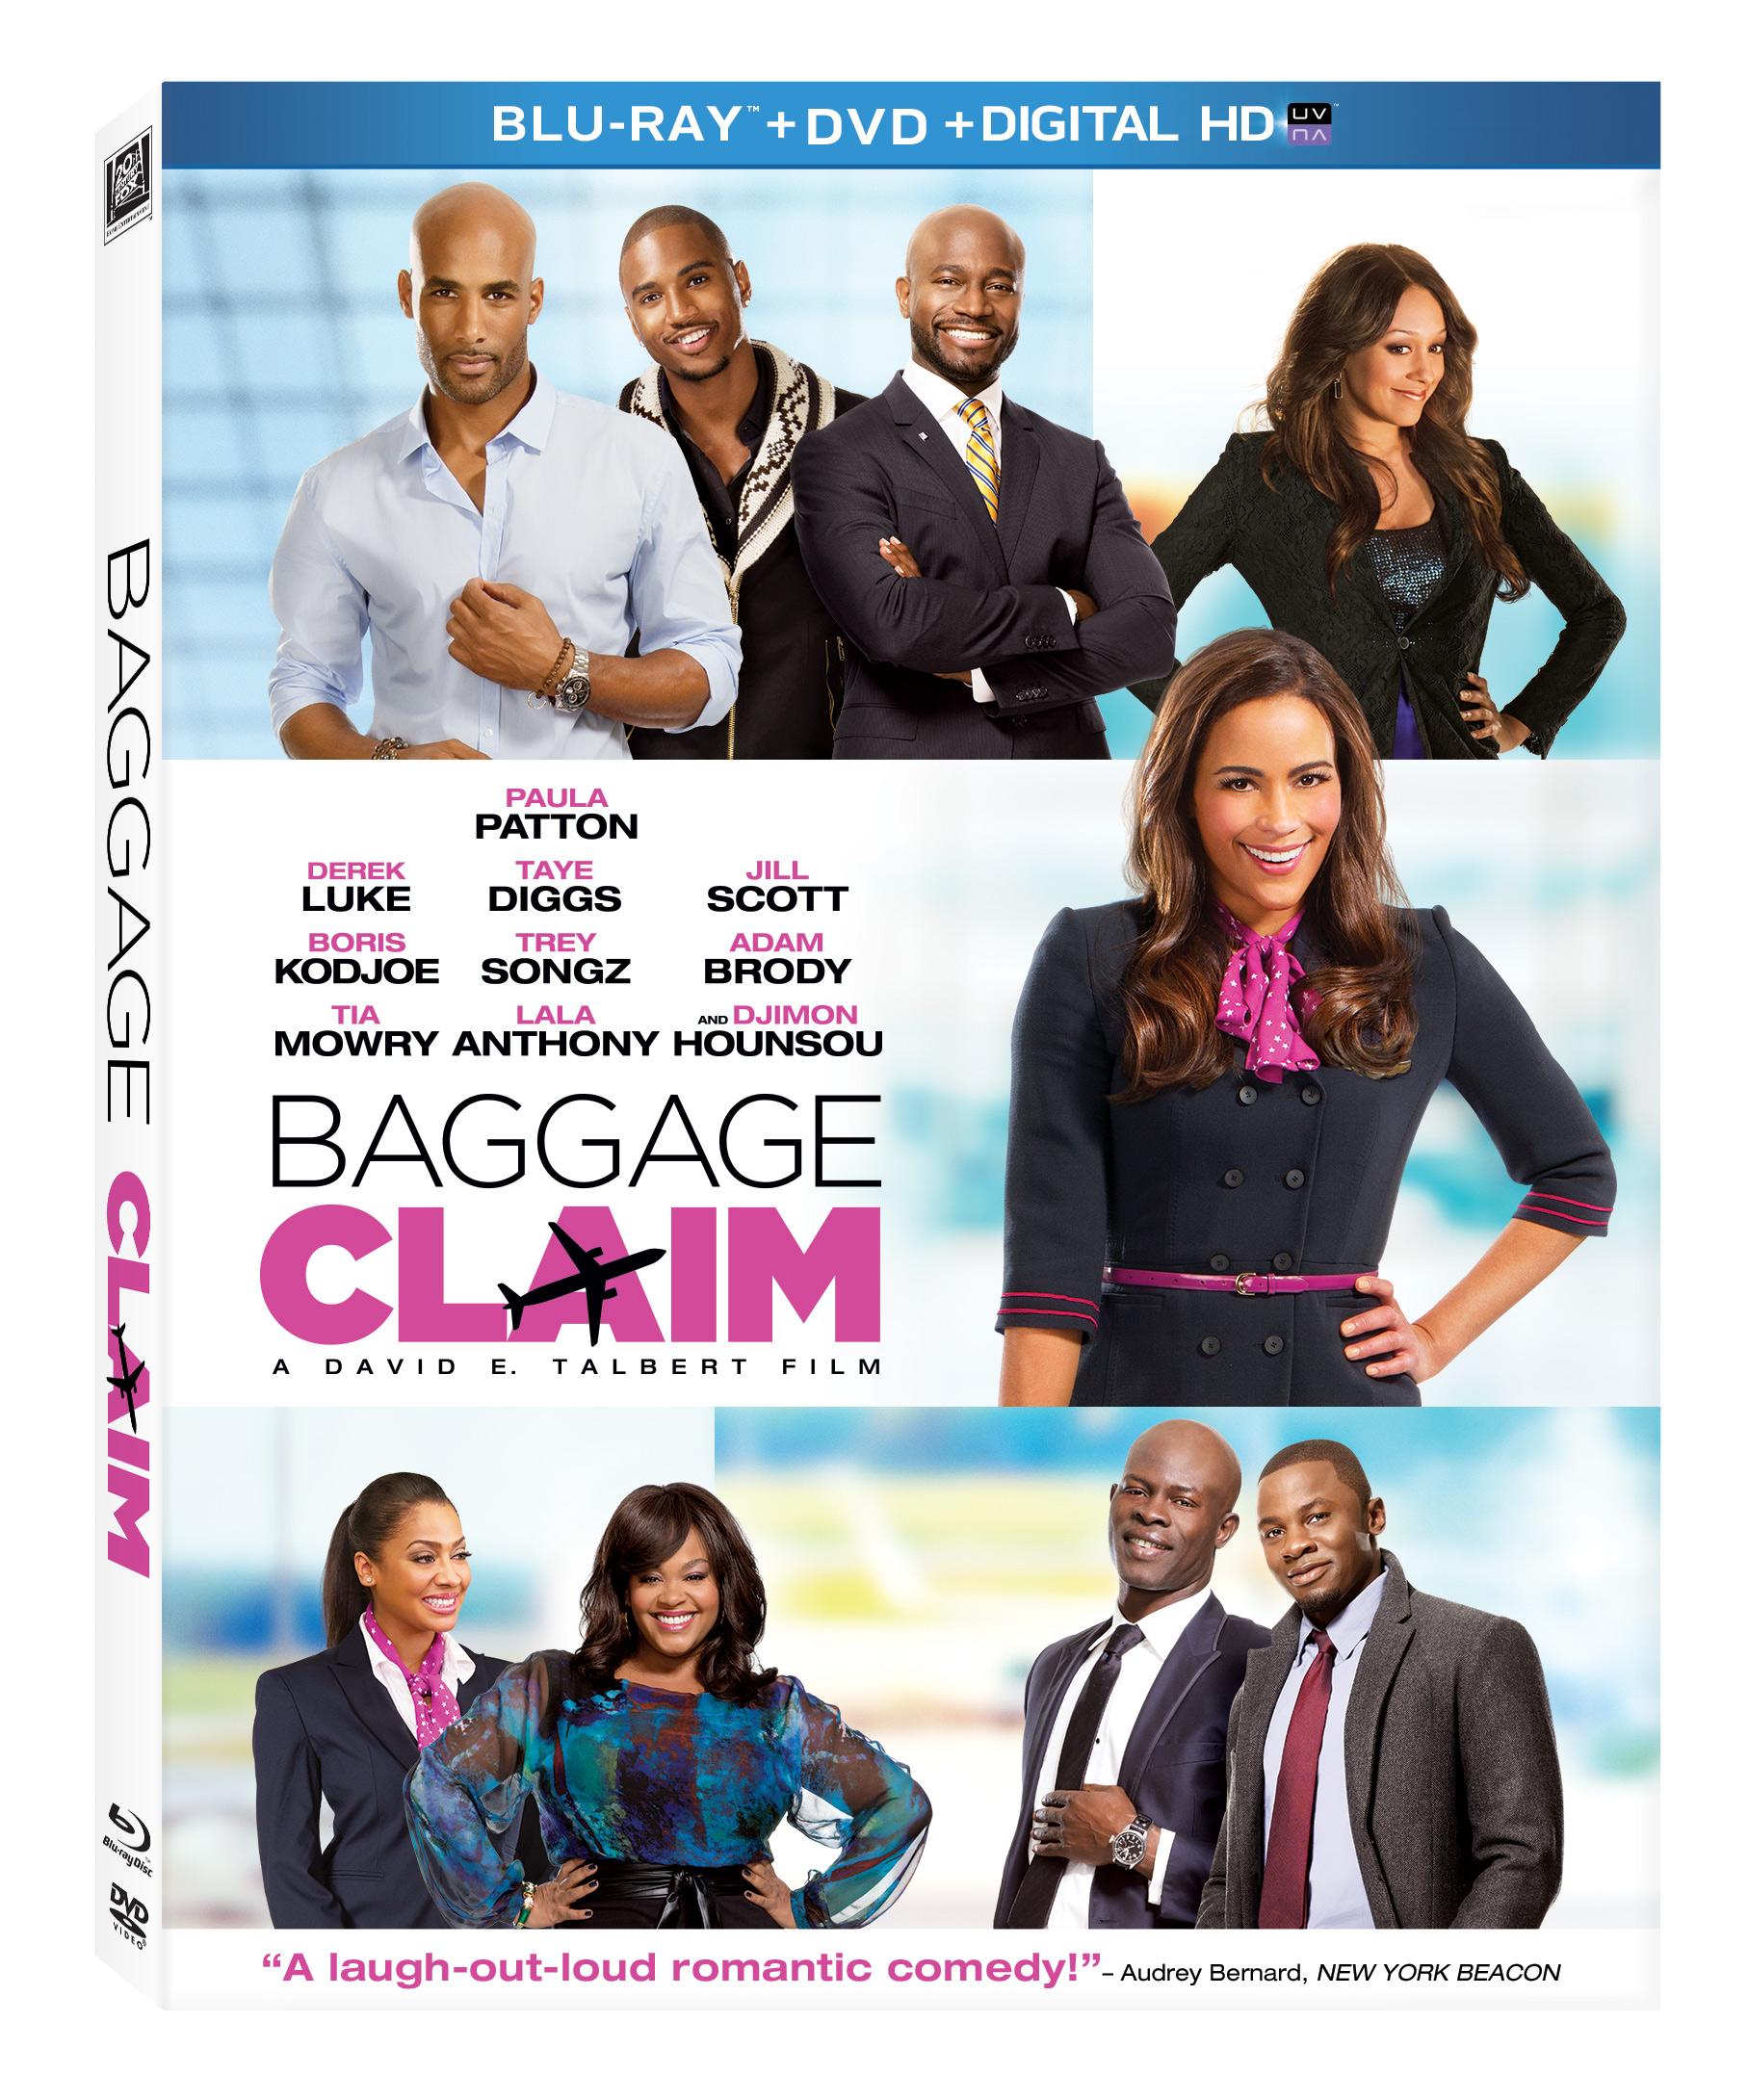 baggage-claim-blu-ray-dvd-Baggage_Claim_BD_rgb